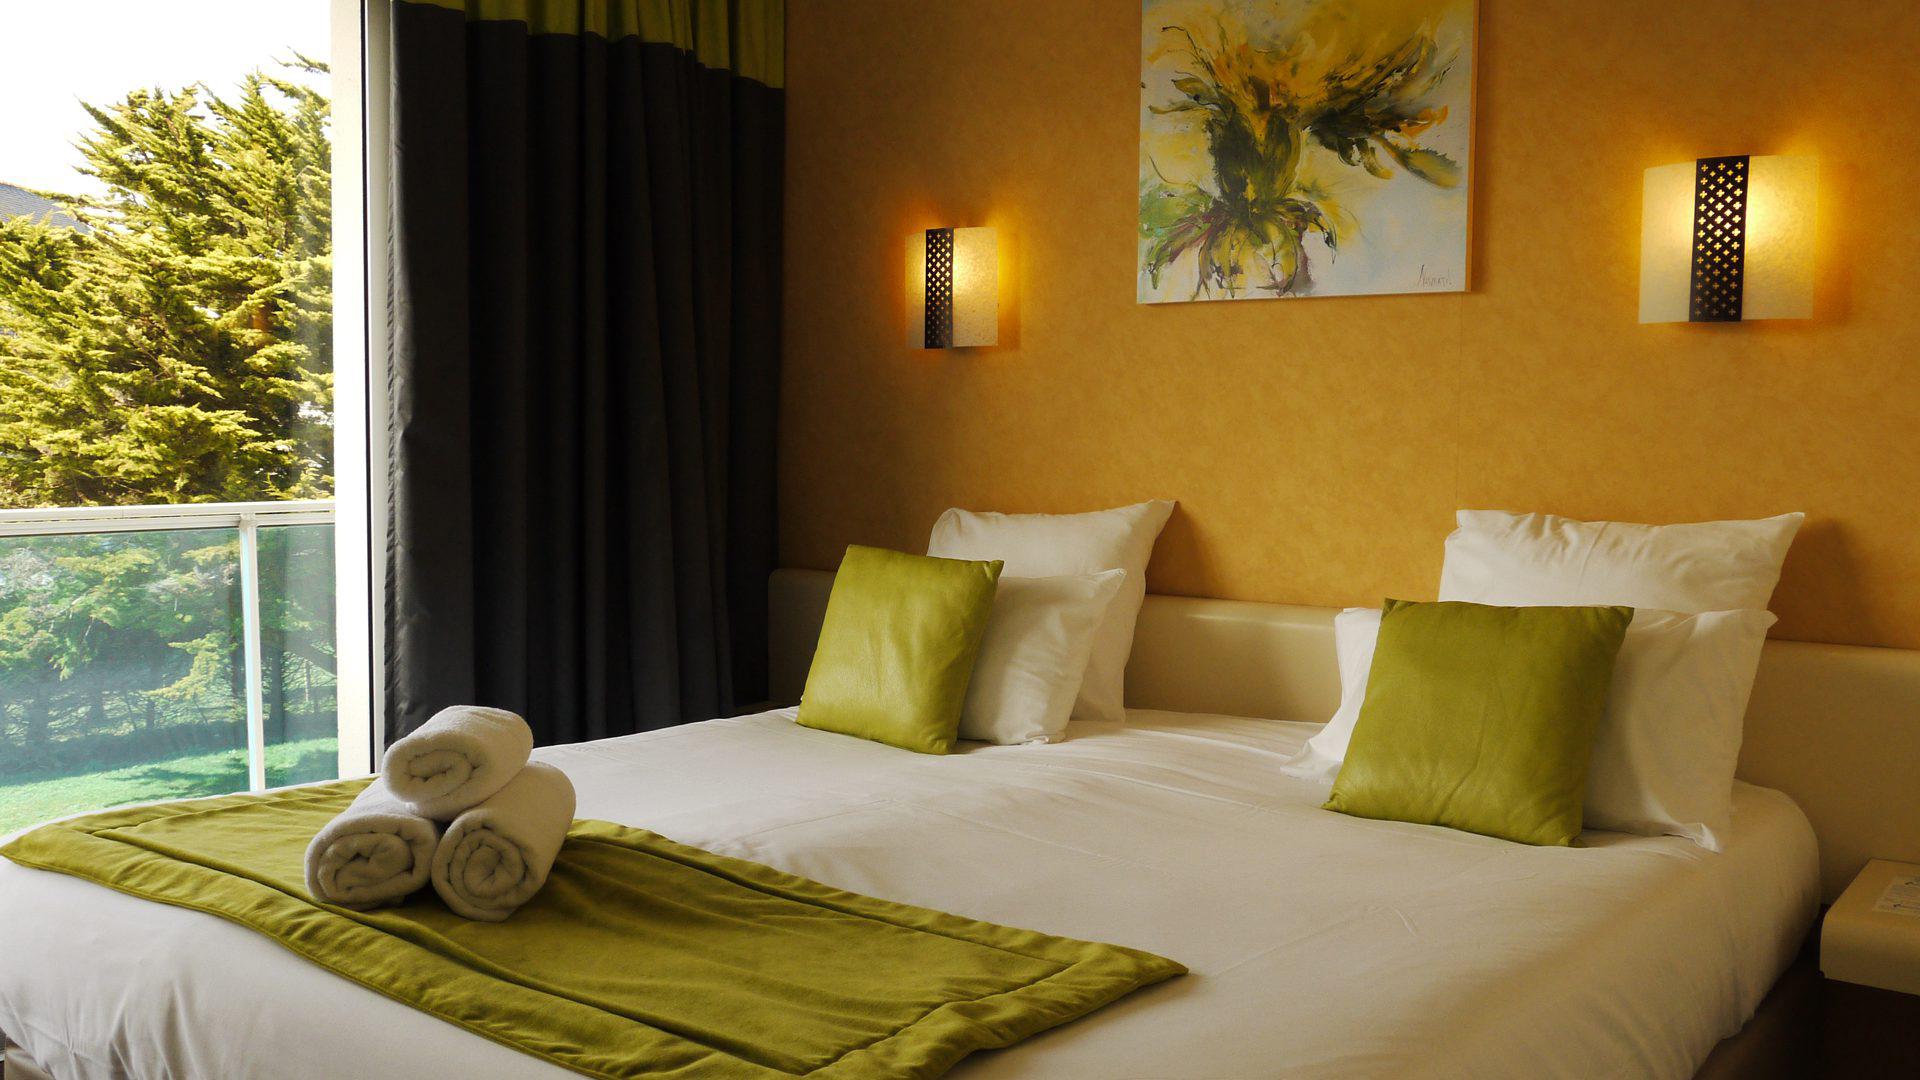 hotel-chambre-prestige-vue-jardin-quiberon-hotel-europa-diaporama